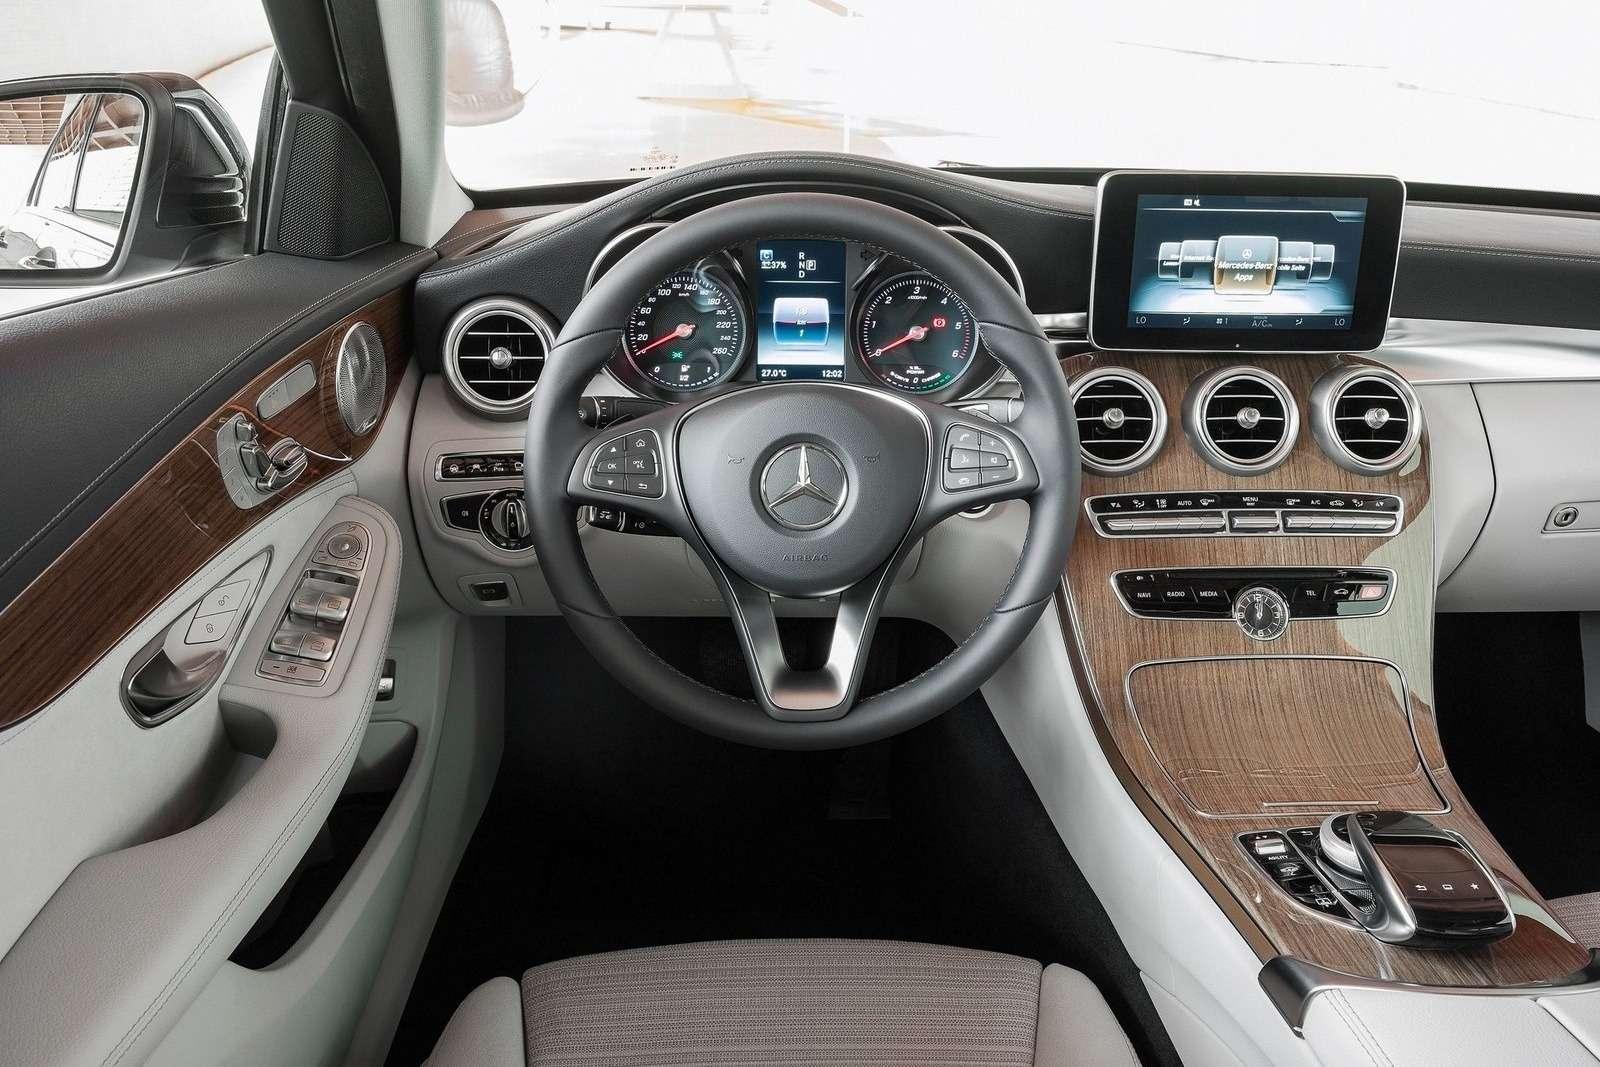 Mercedes-Benz-C-Class_2015_1600x1200_wallpaper_58(1)